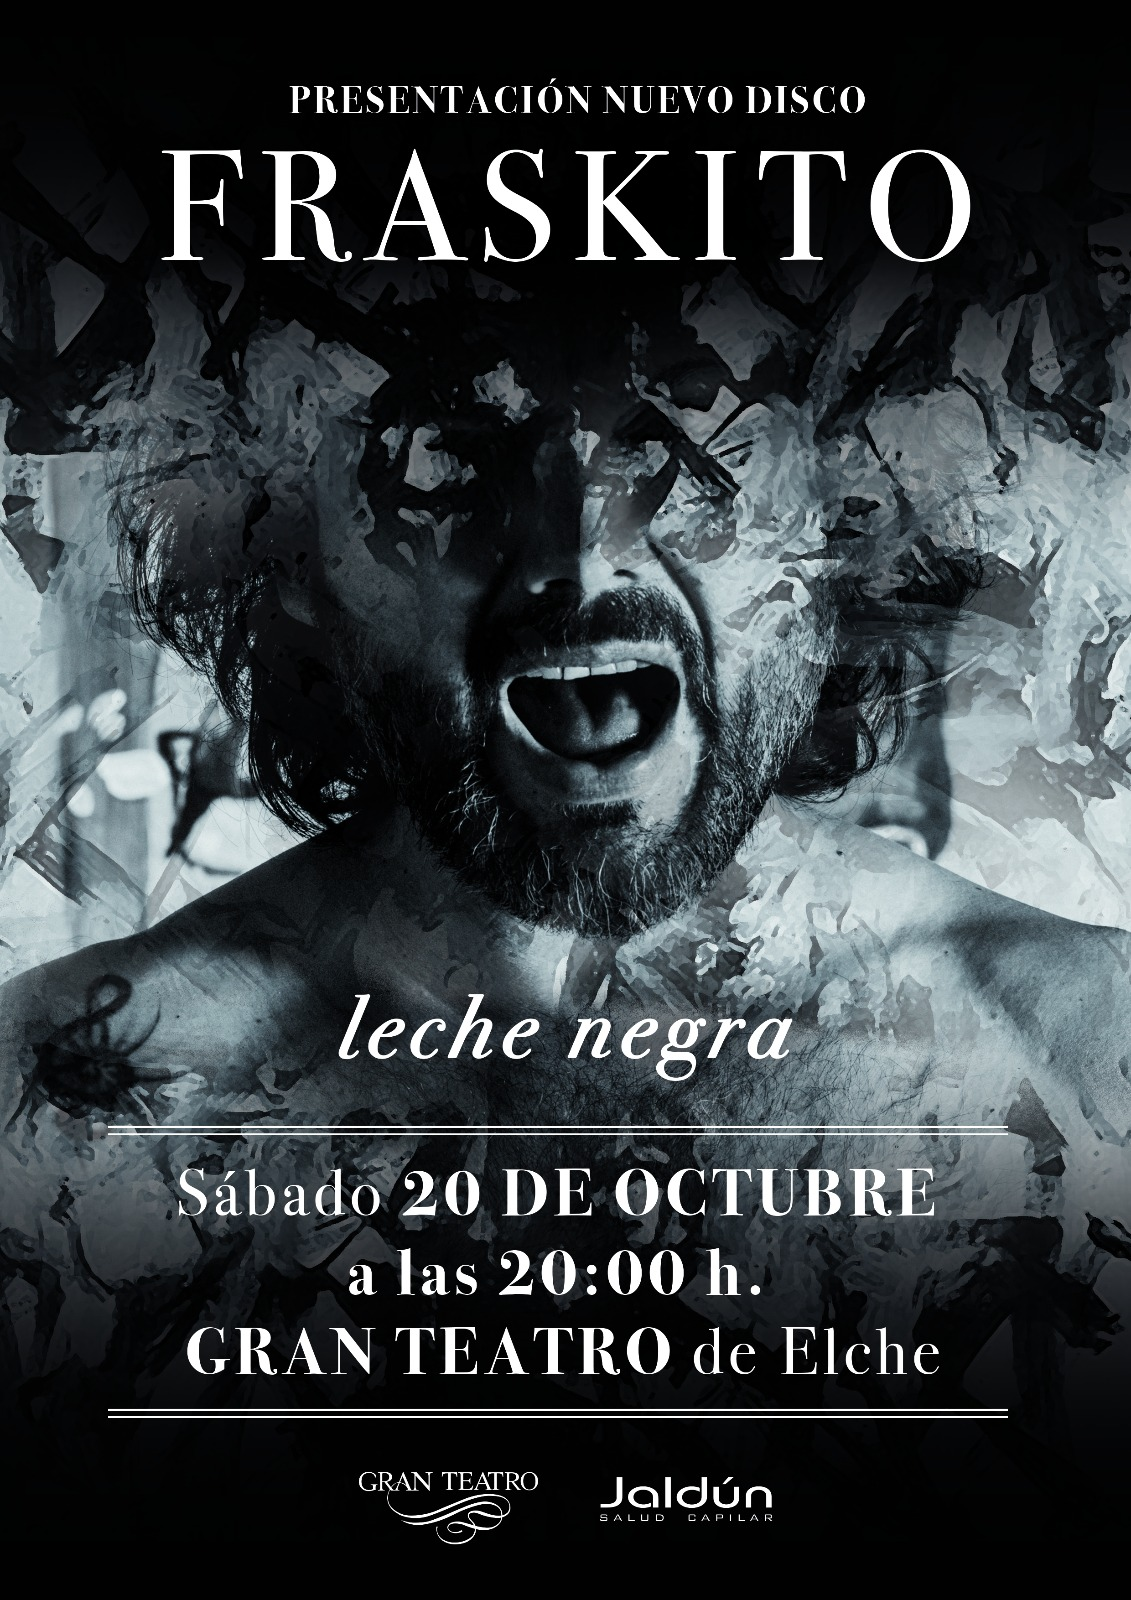 Presentación del nuevo disco de Fraskito